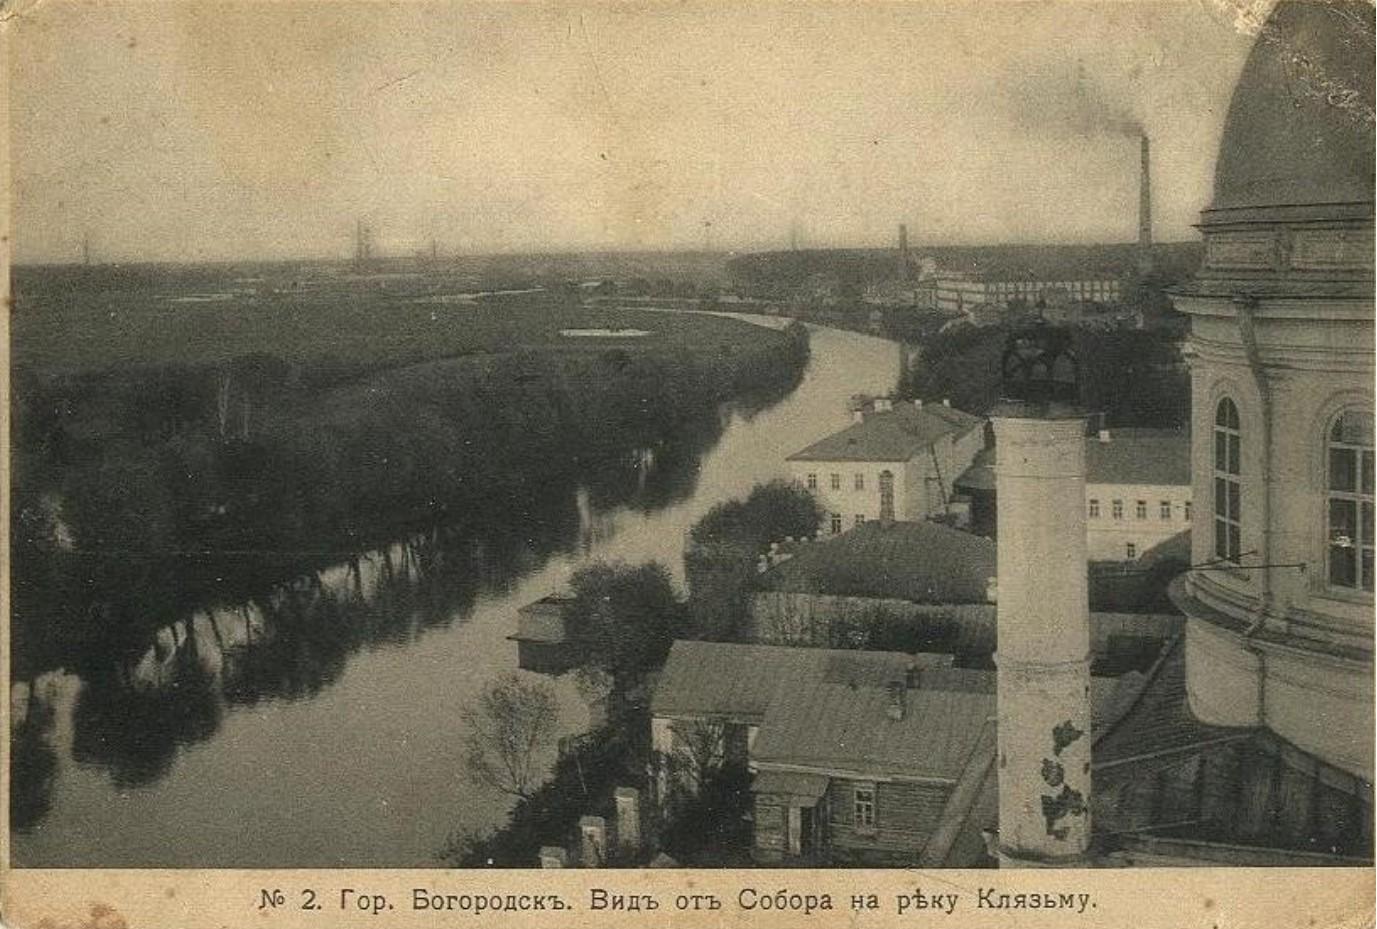 Вид от Собора на реку Клязьму